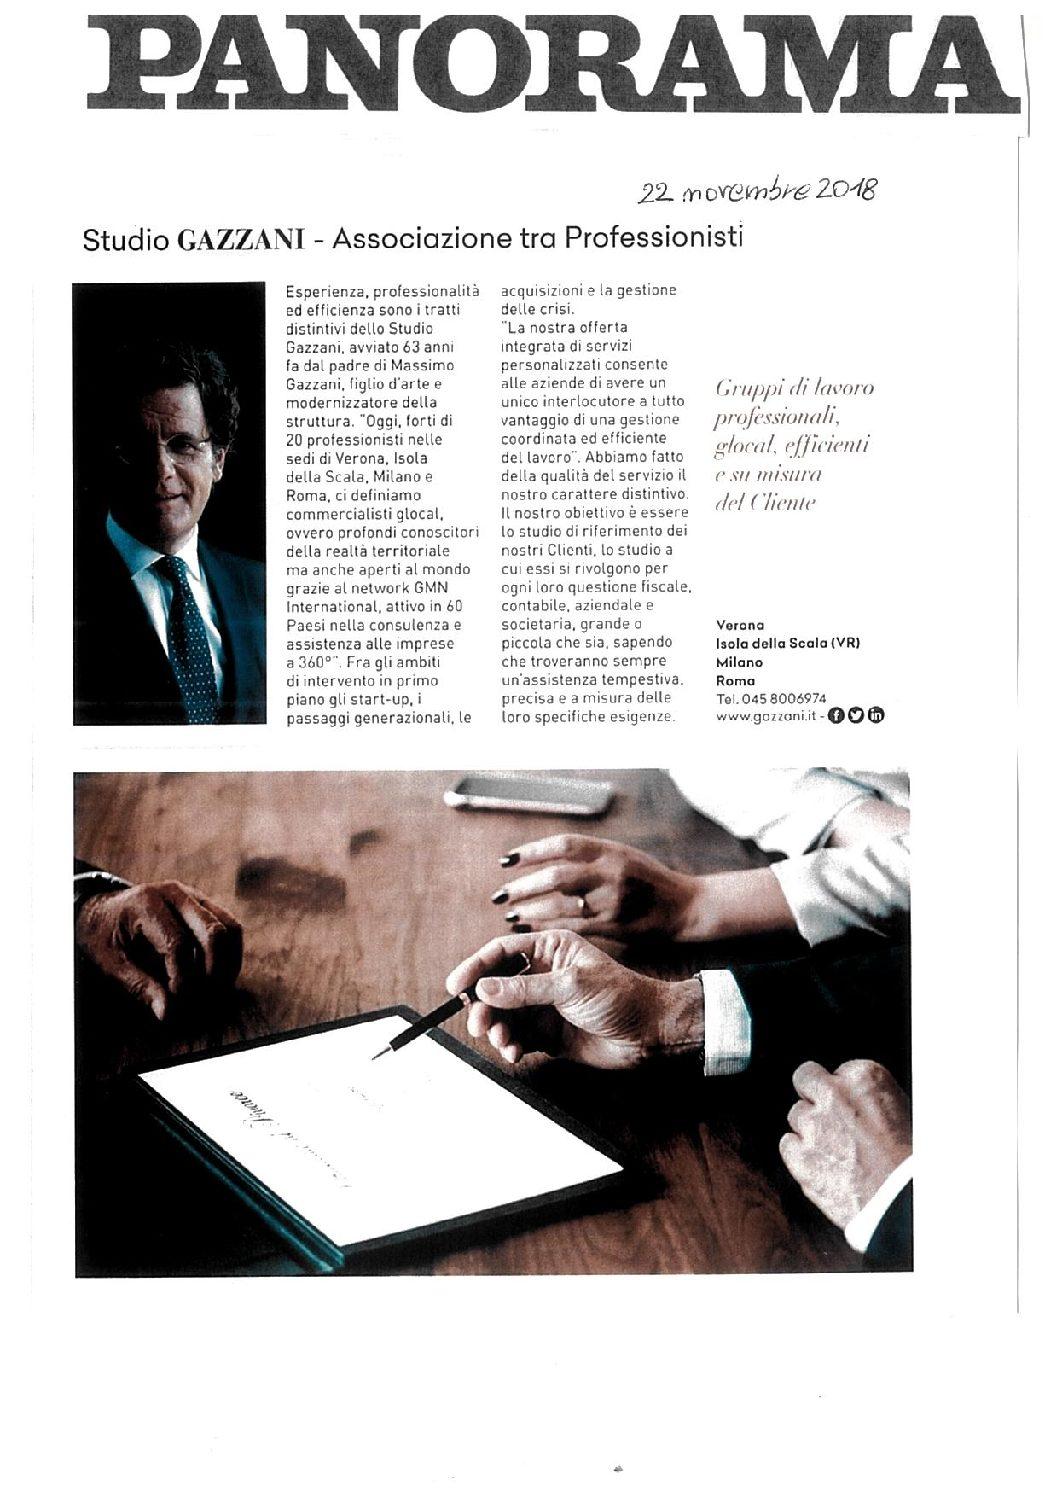 Studio GAZZANI – Associazione tra Professionisti Gruppi di lavoro professionali, glocal, efficienti e su misura. Panorama 22 novembre 2018